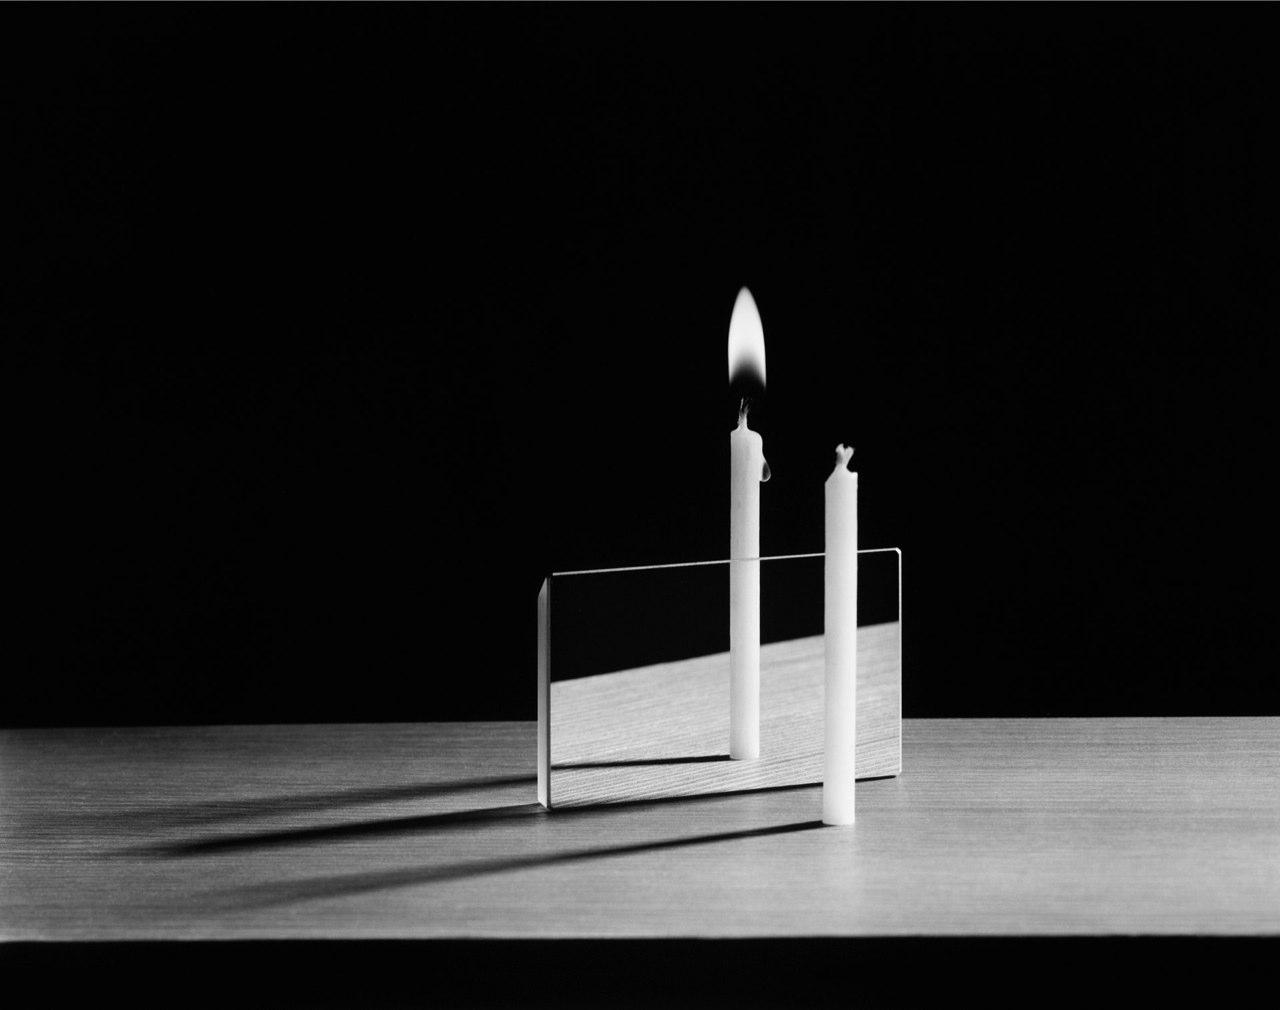 photo-sceince-berenice-abbott-11.jpg